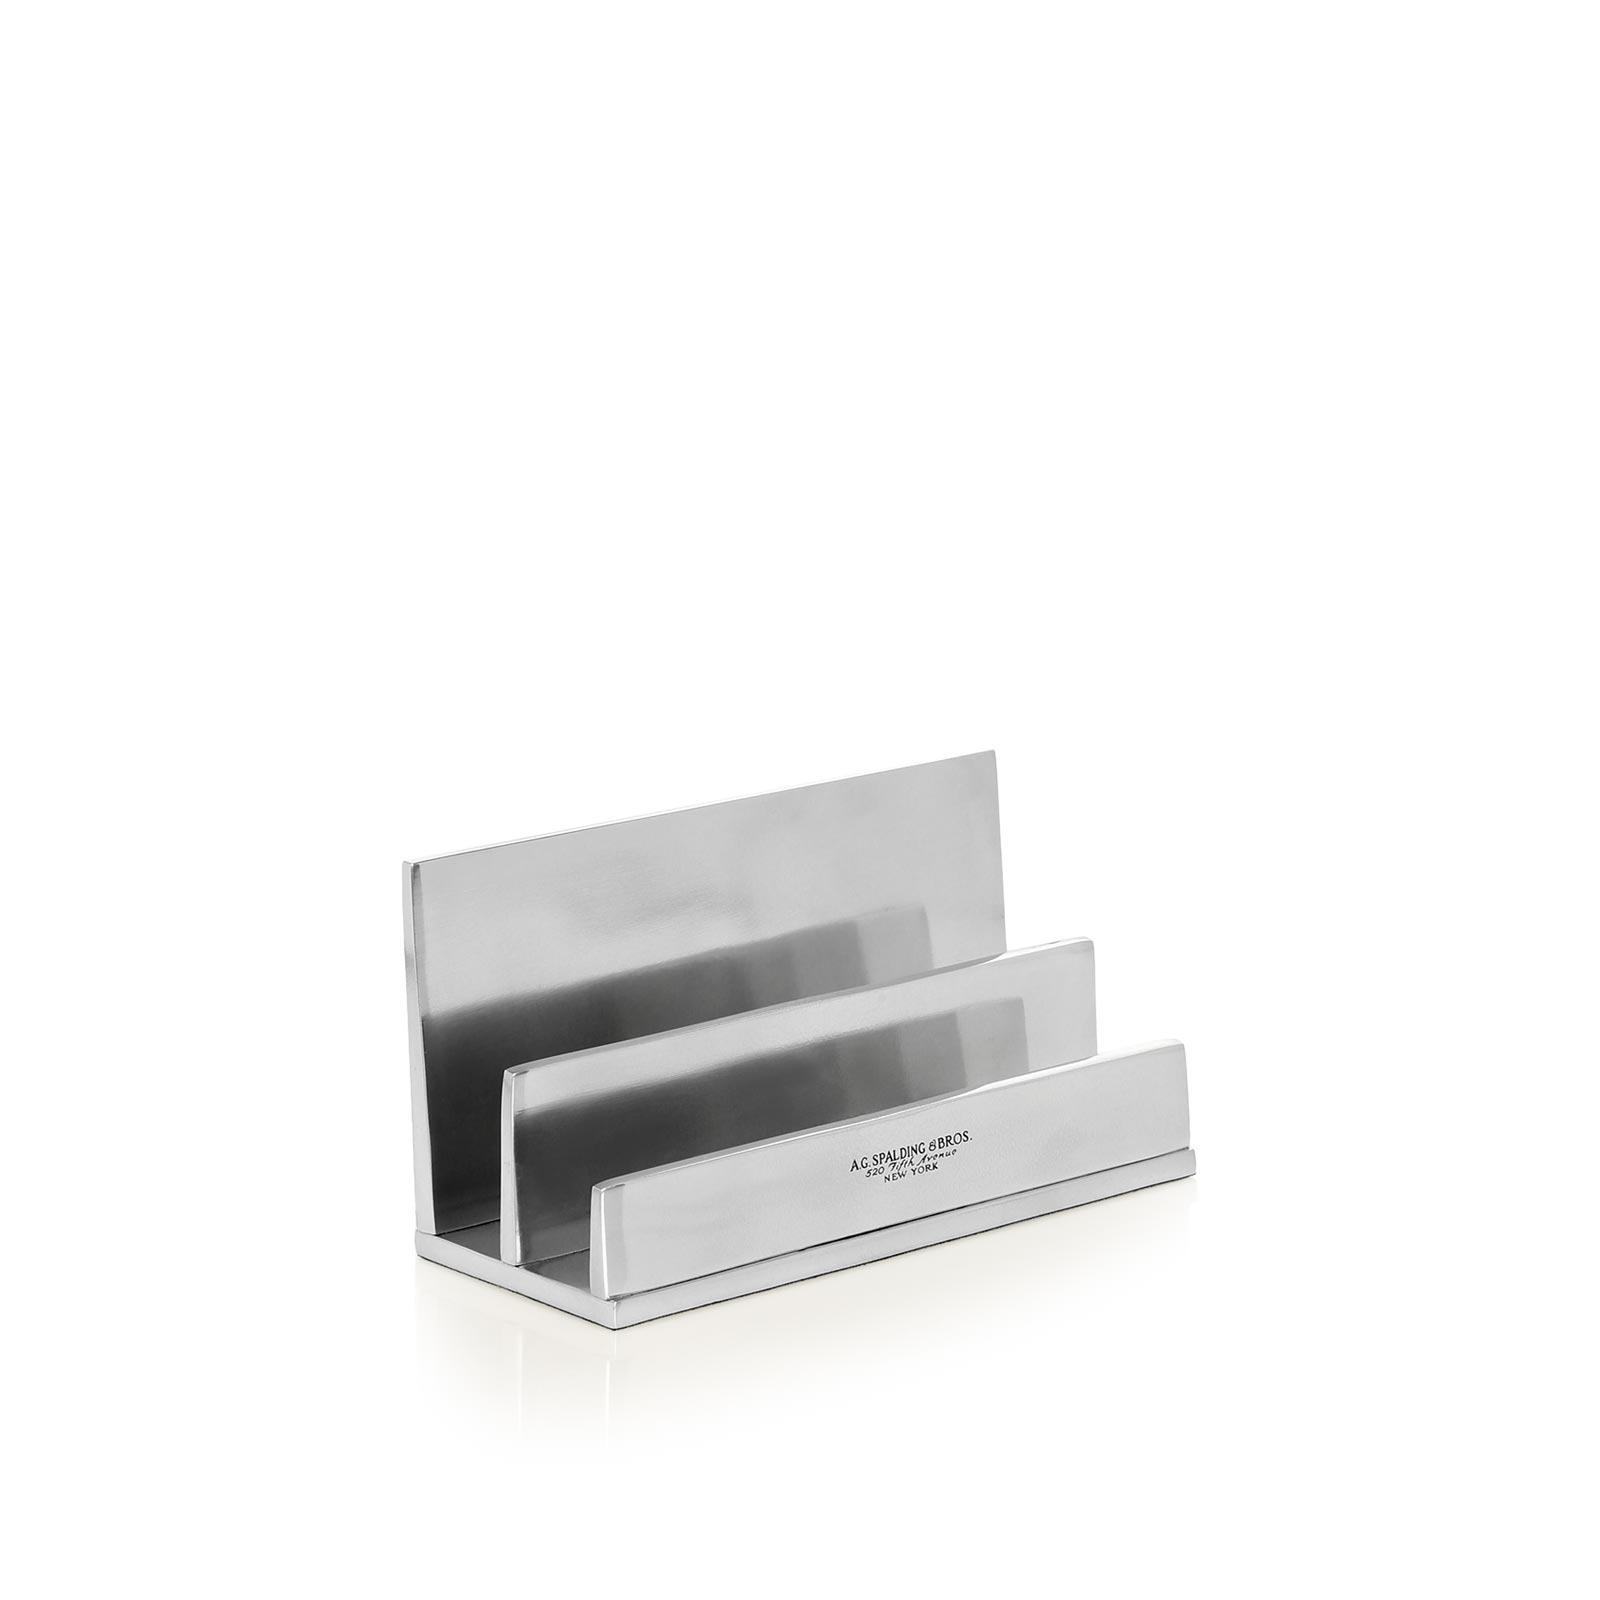 Porta Lettere Alluminio ALLUMINIO